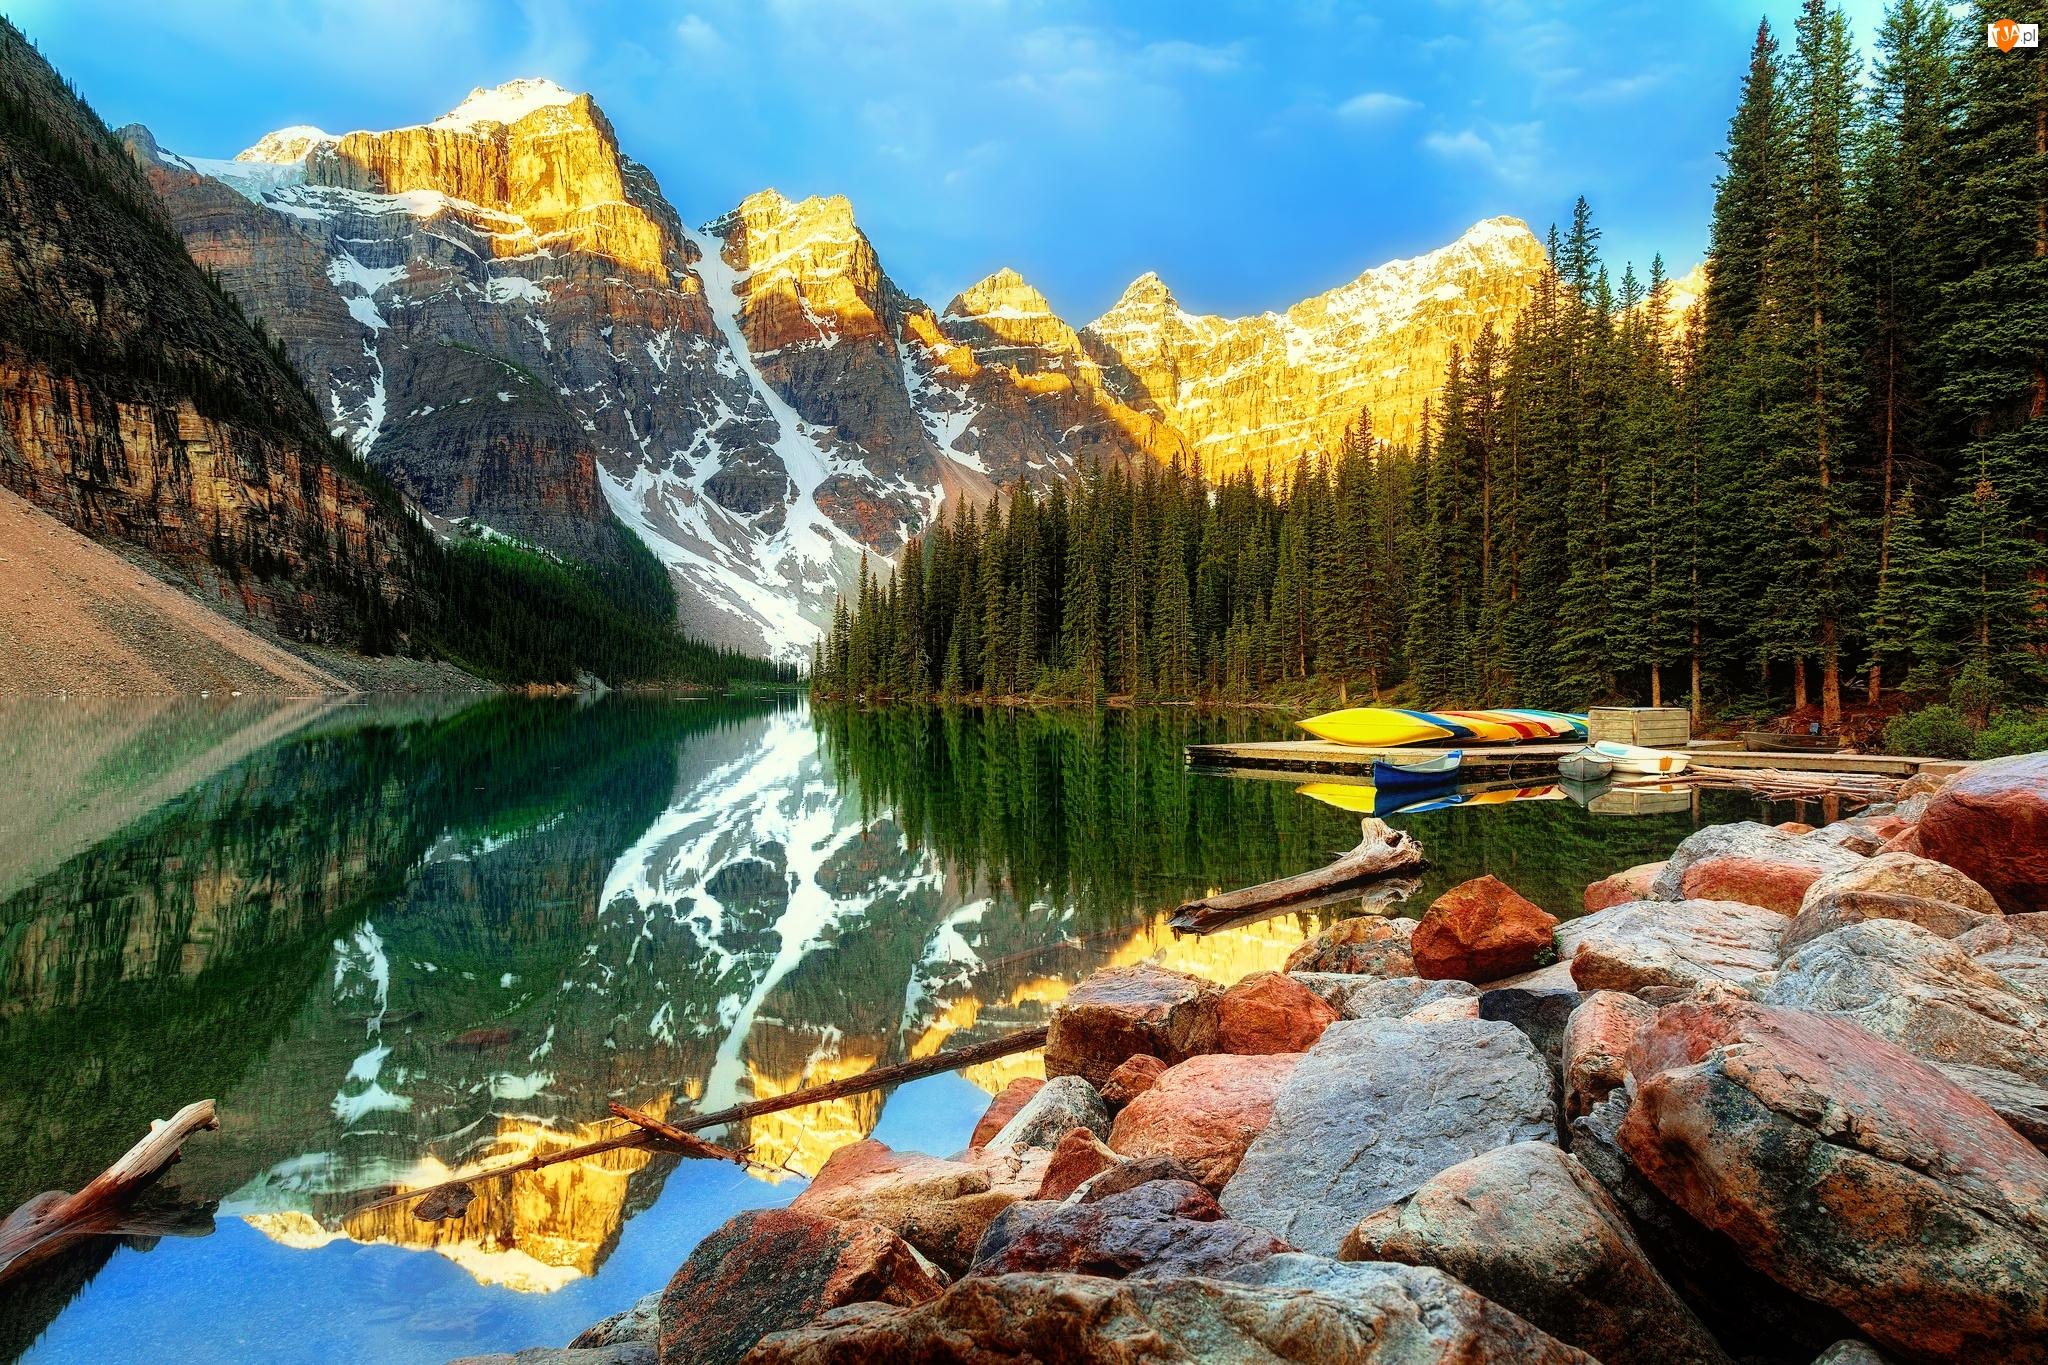 Odbicie, Prowincja Alberta, Kamienie, Jezioro Moraine, Dolina Dziesięciu Szczytów, Park Narodowy Banff, Góry, Kanada, Las